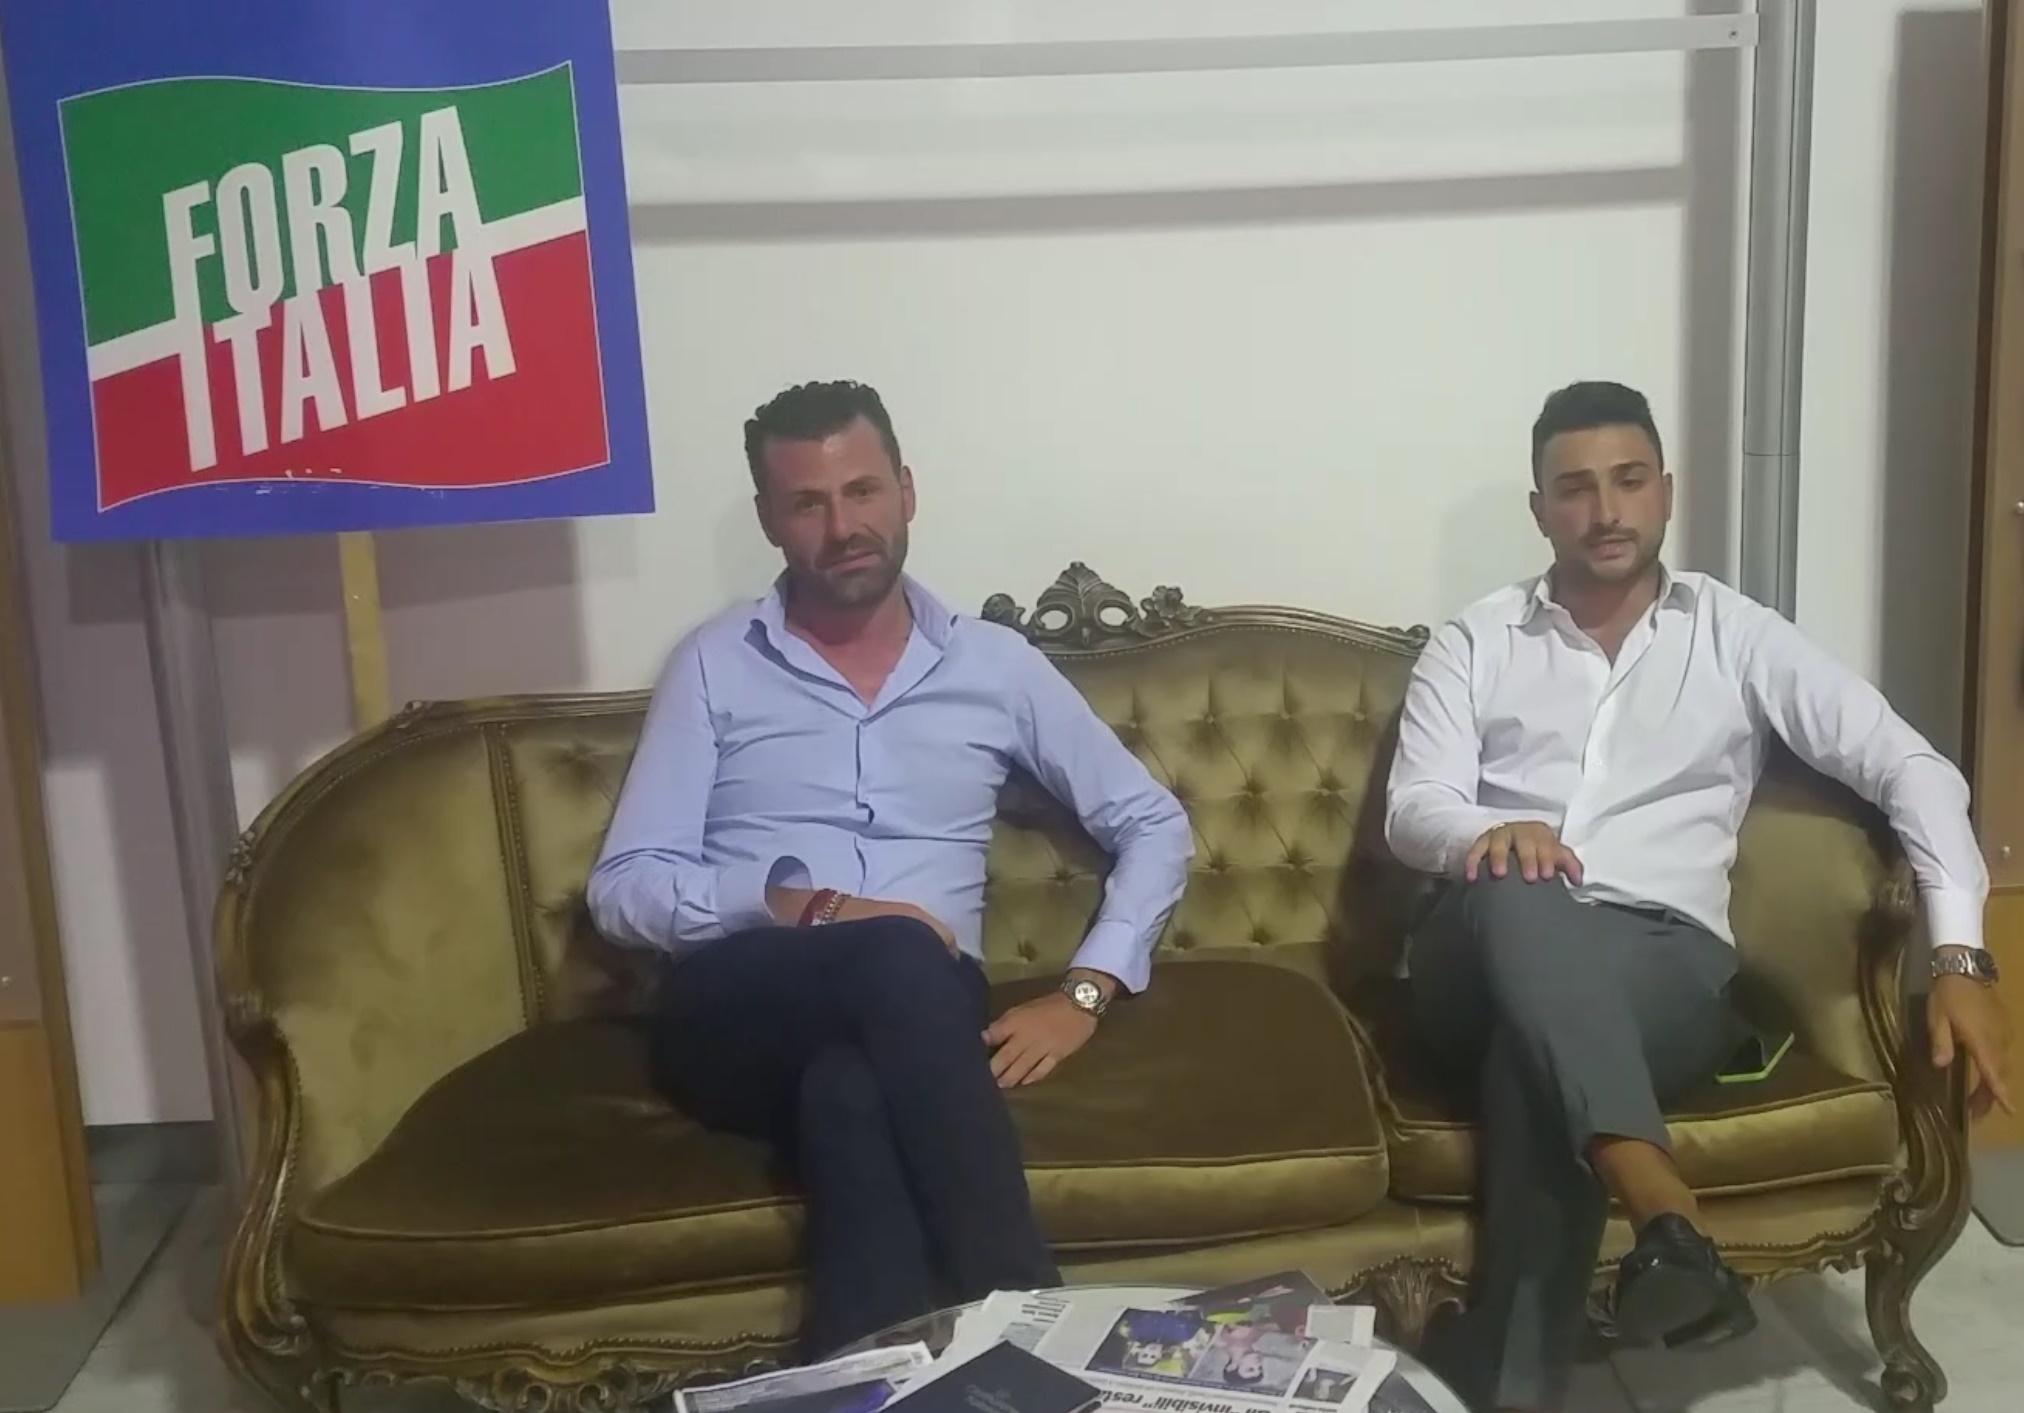 Cosenza - Alessandro Esaltato guiderà coordinamento cittadino di Forza Italia d'oltre Campagnano